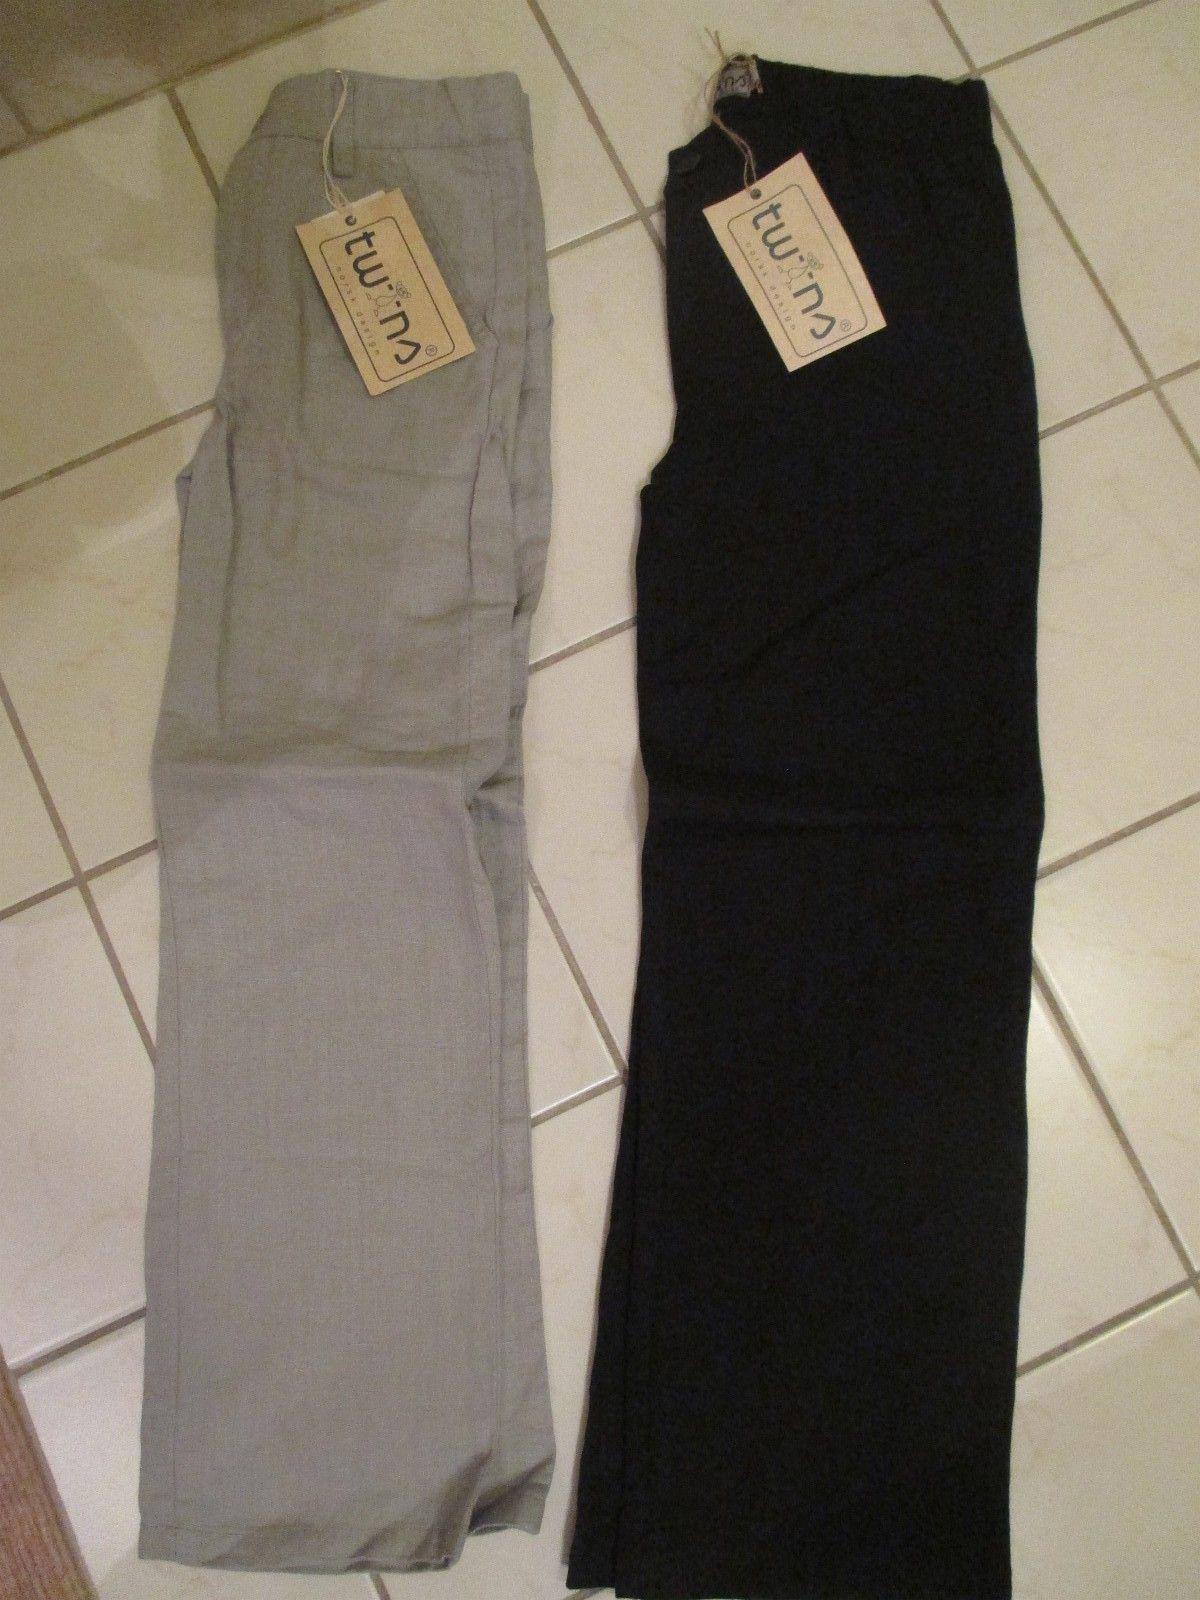 d38eed7b 1. NYE lin bukser fra Twins begge i str. 7 år. Selges for 160,- pr. stk.  eller 250,- for begge. (1/6)